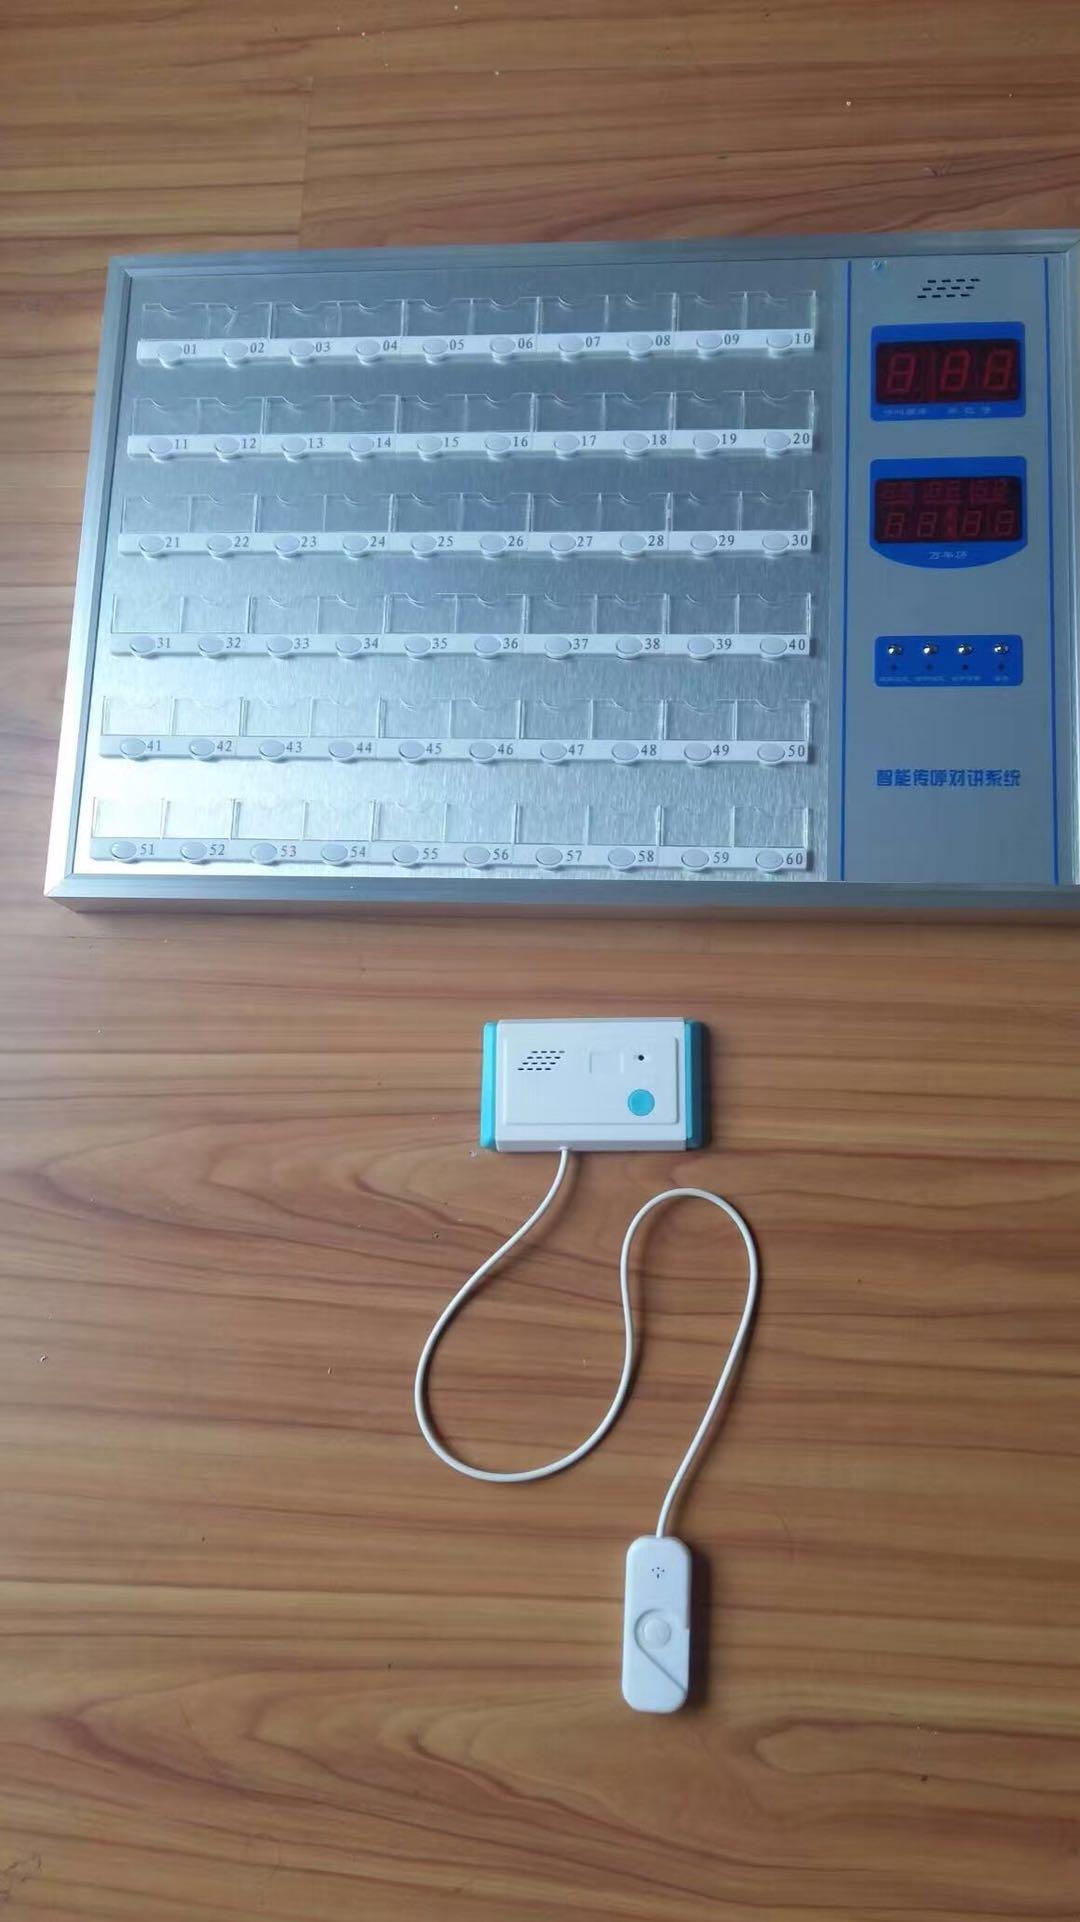 医用呼叫系统设备主机